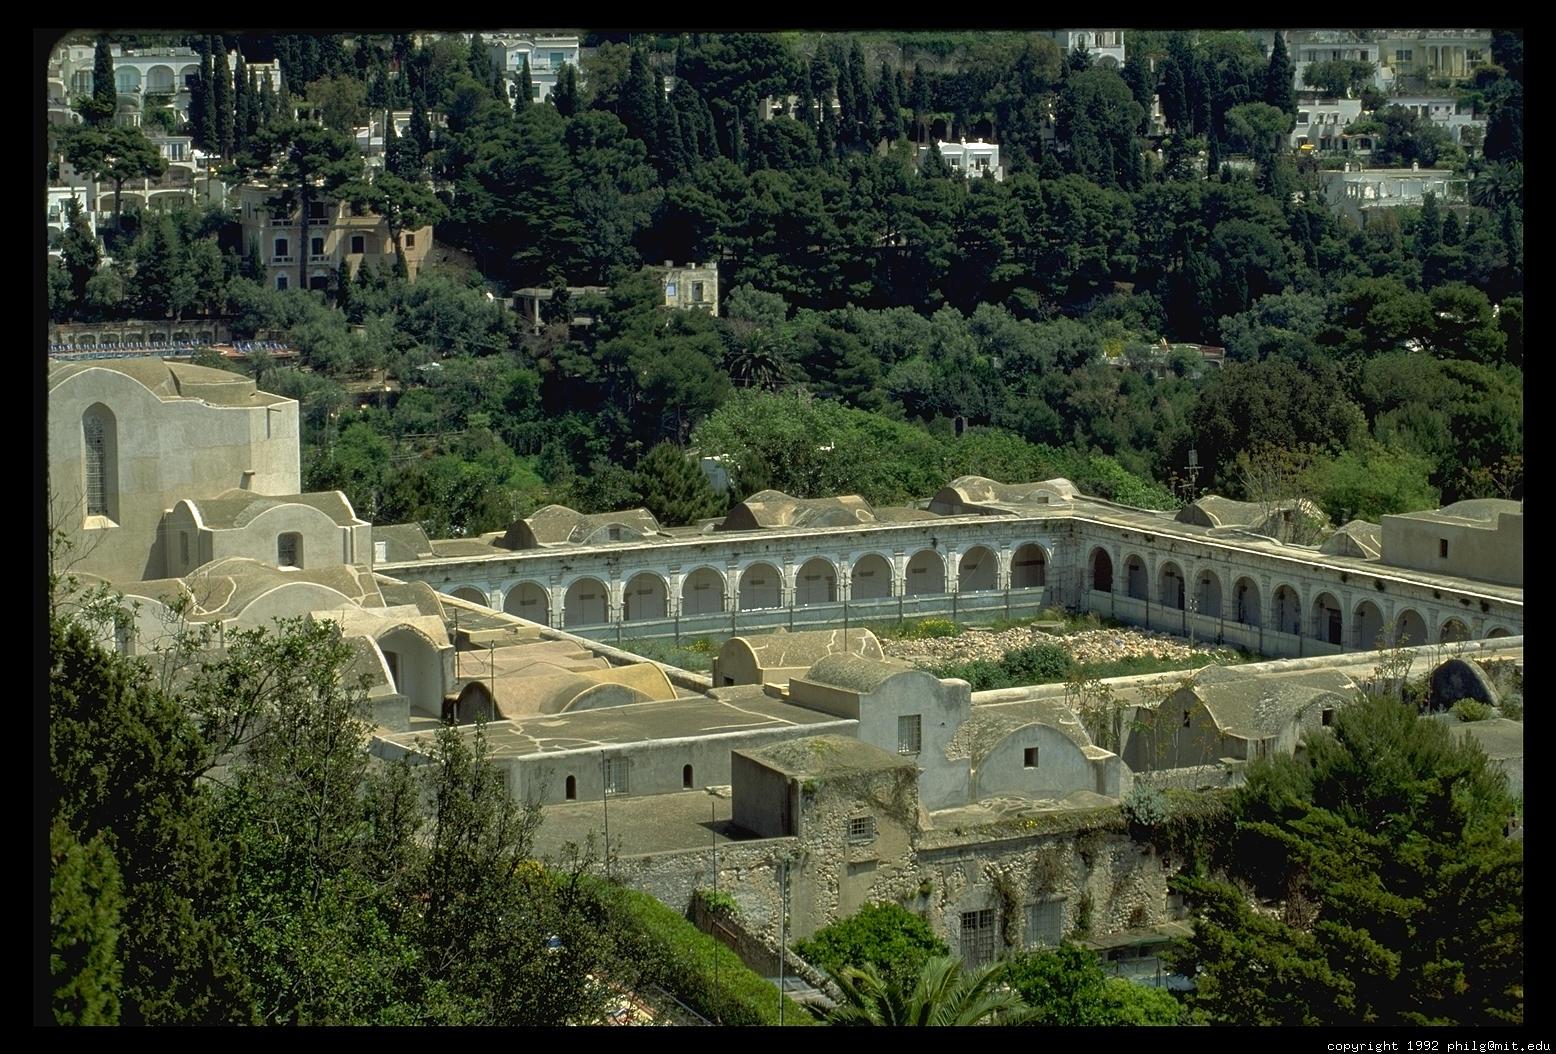 Capri villa tiberius 9 for Capri villa